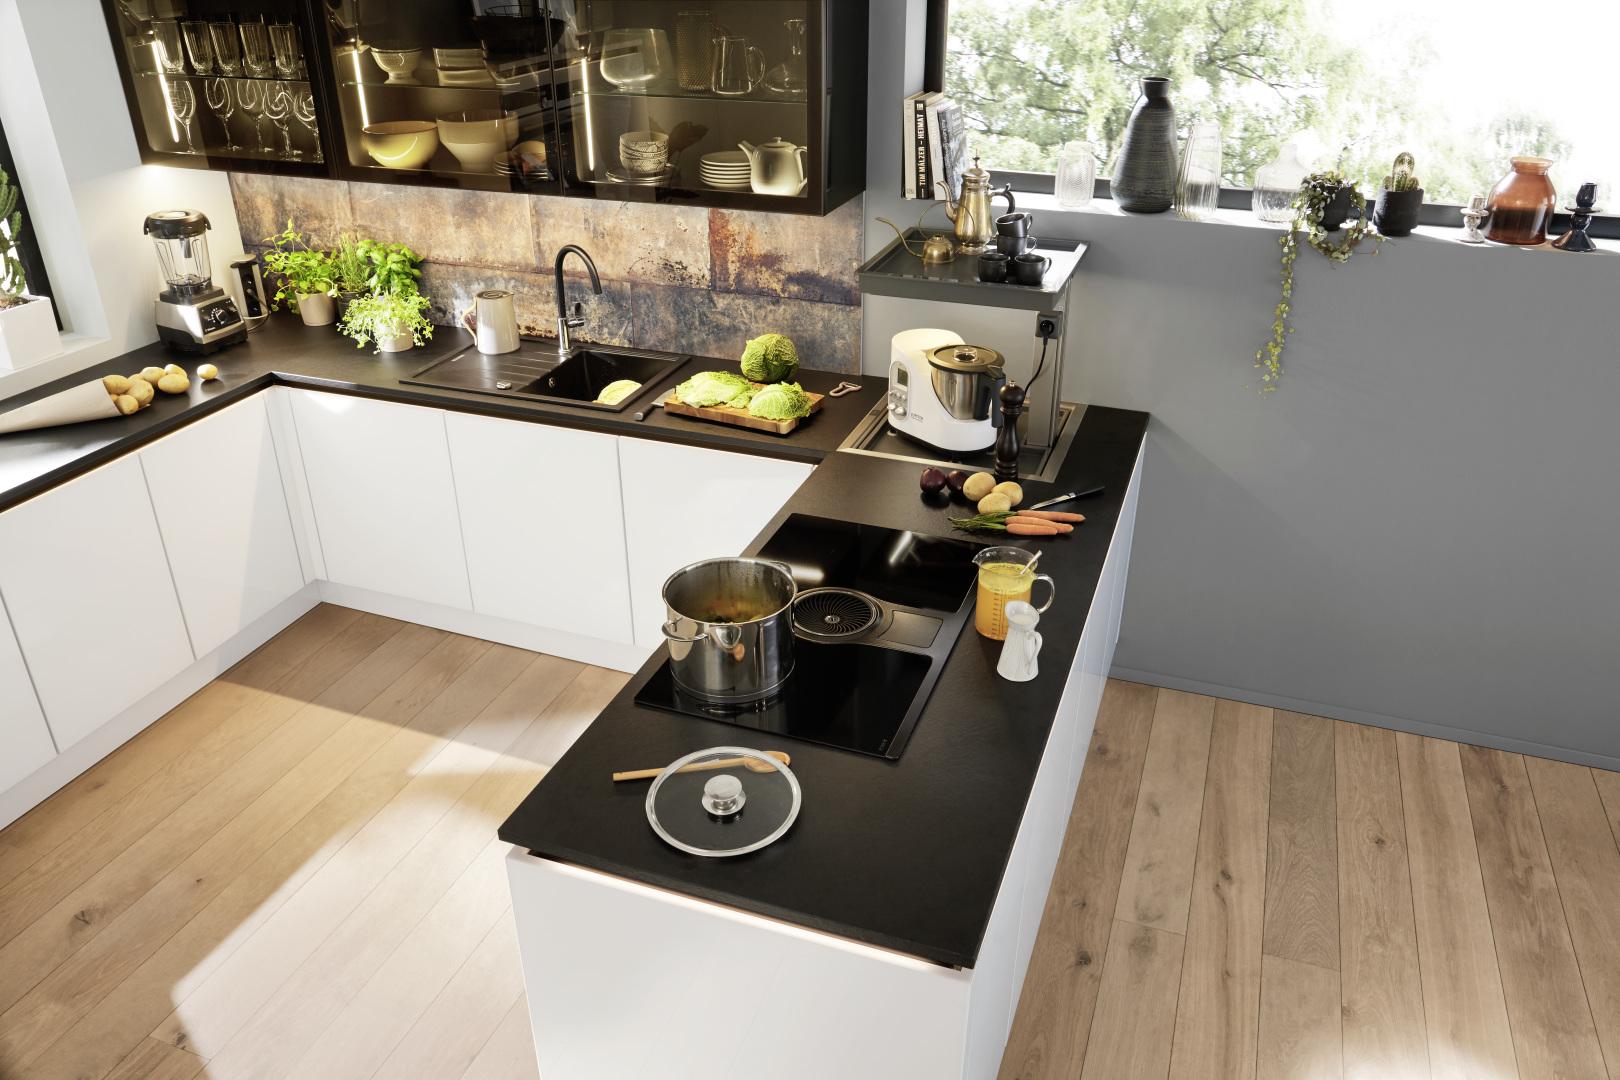 biała kuchnia ze szklanymi frontami nolte kuchen glas tec plus blaty